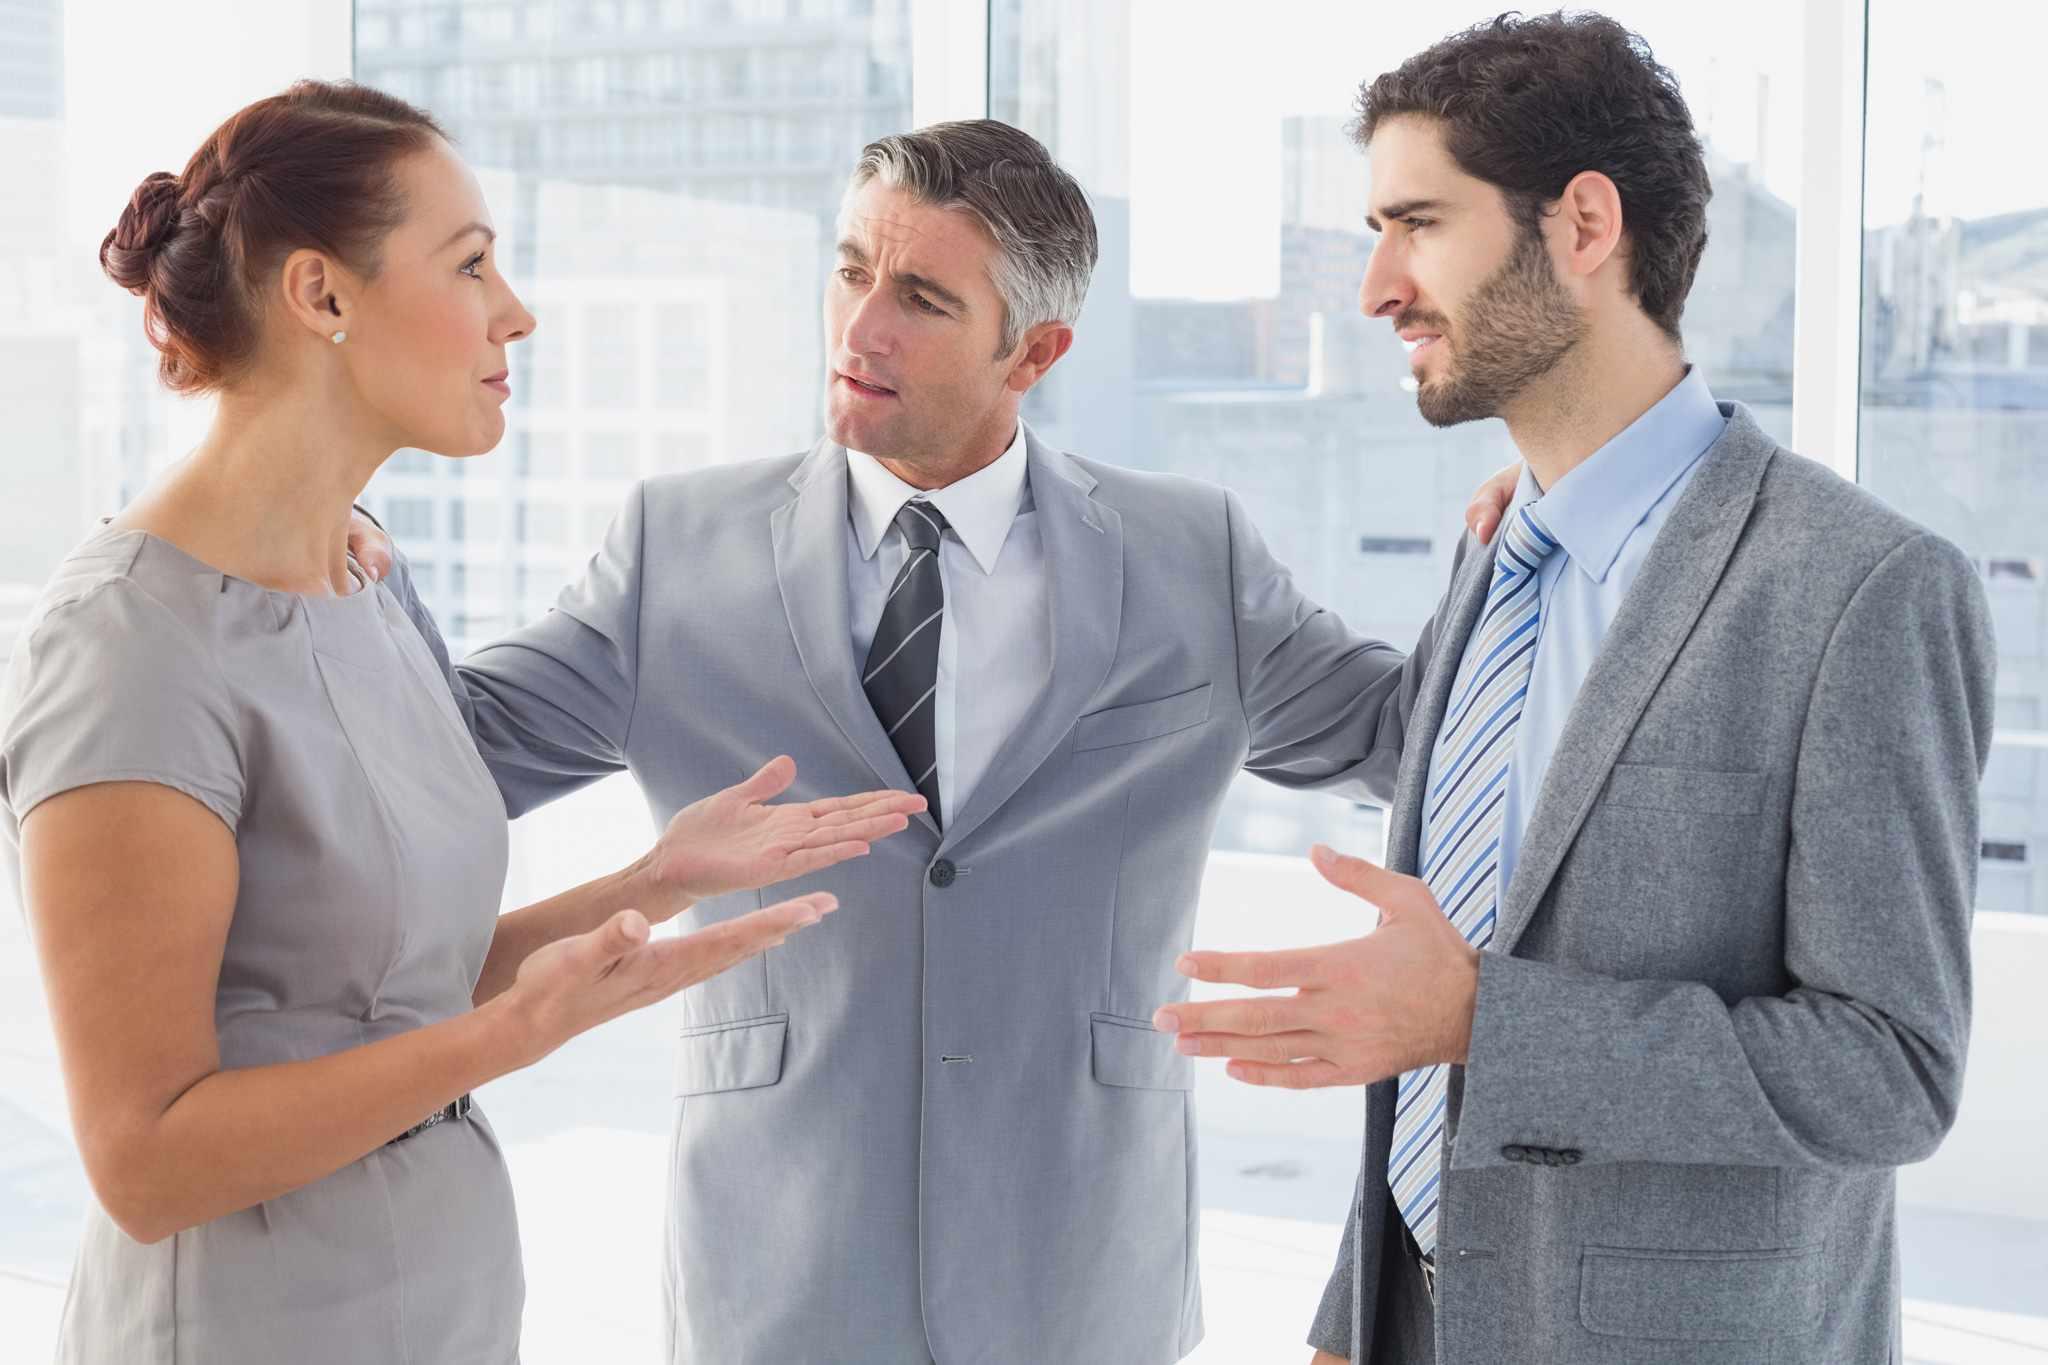 Медиатор – это профессиональный посредник, выступающий третьей стороной при разрешении спора и помогающий оппонентам достигнуть соглашения